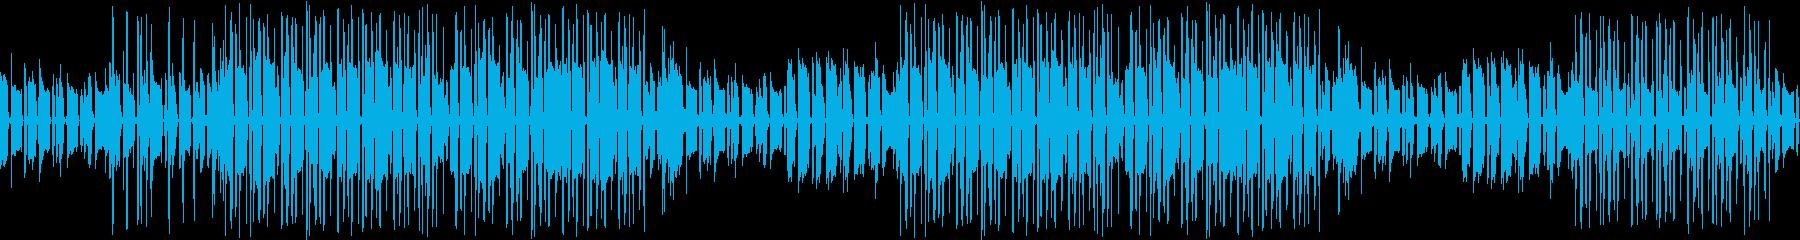 ギター・カフェ・お洒落・ブルース・ループの再生済みの波形